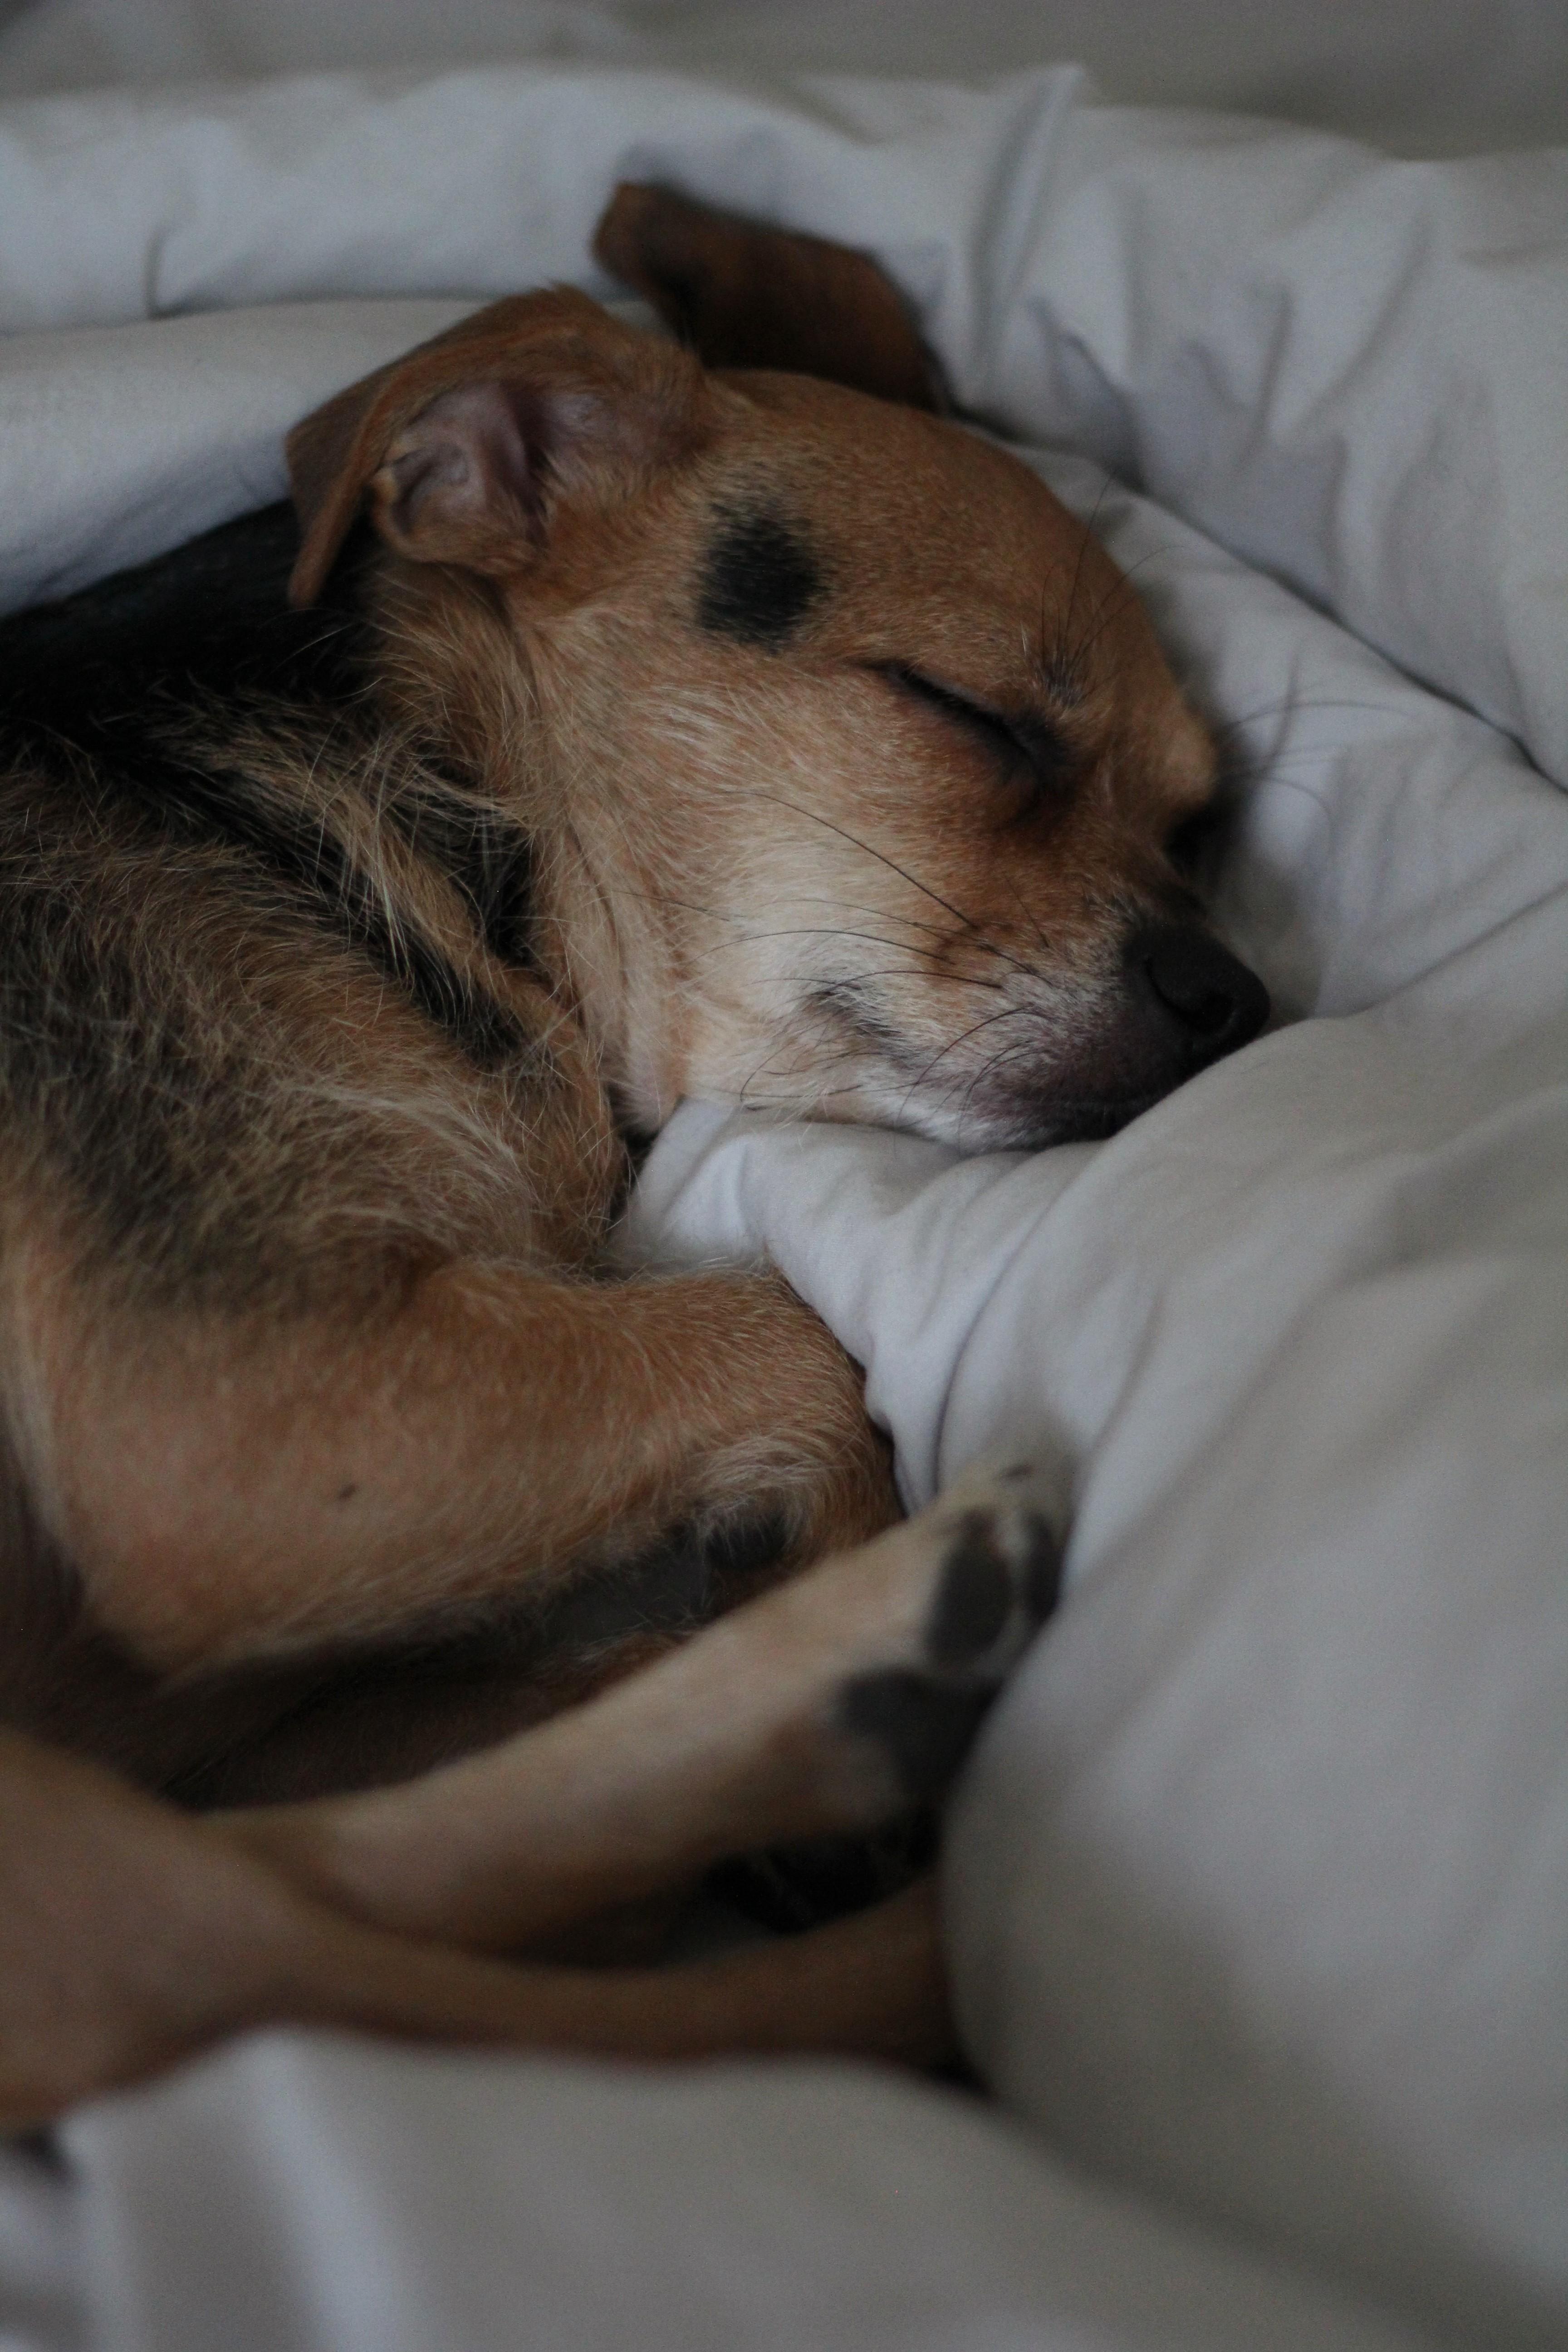 Meillä saavat koirat nukkua sängyssä, ja tätä etua hyödynnetään häpeilemättä. Kun aamulla ihmiset nousevat sängystä, koiravuoro aloittaa saman tien.